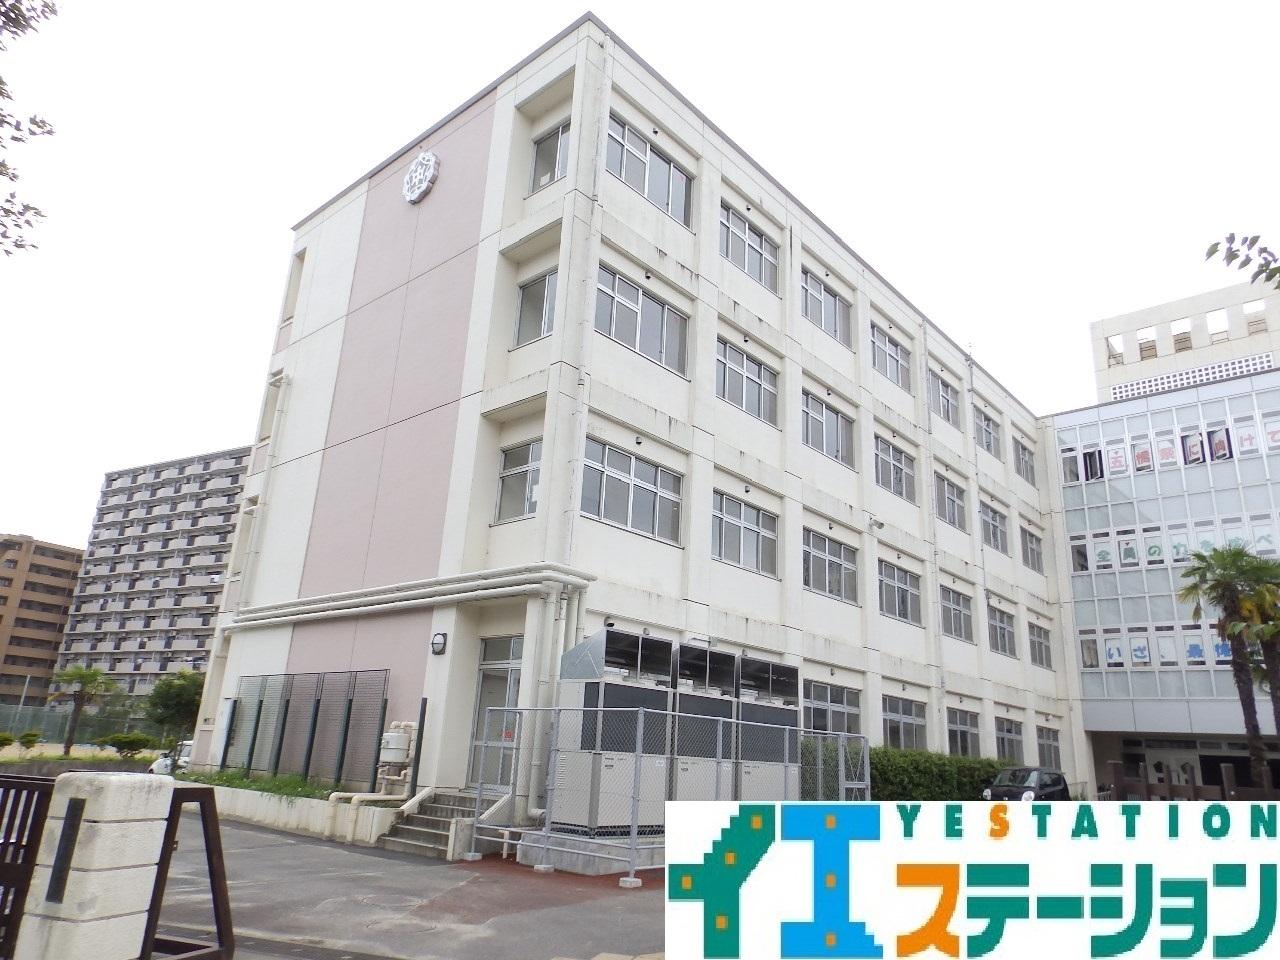 仙台市立五橋中学校